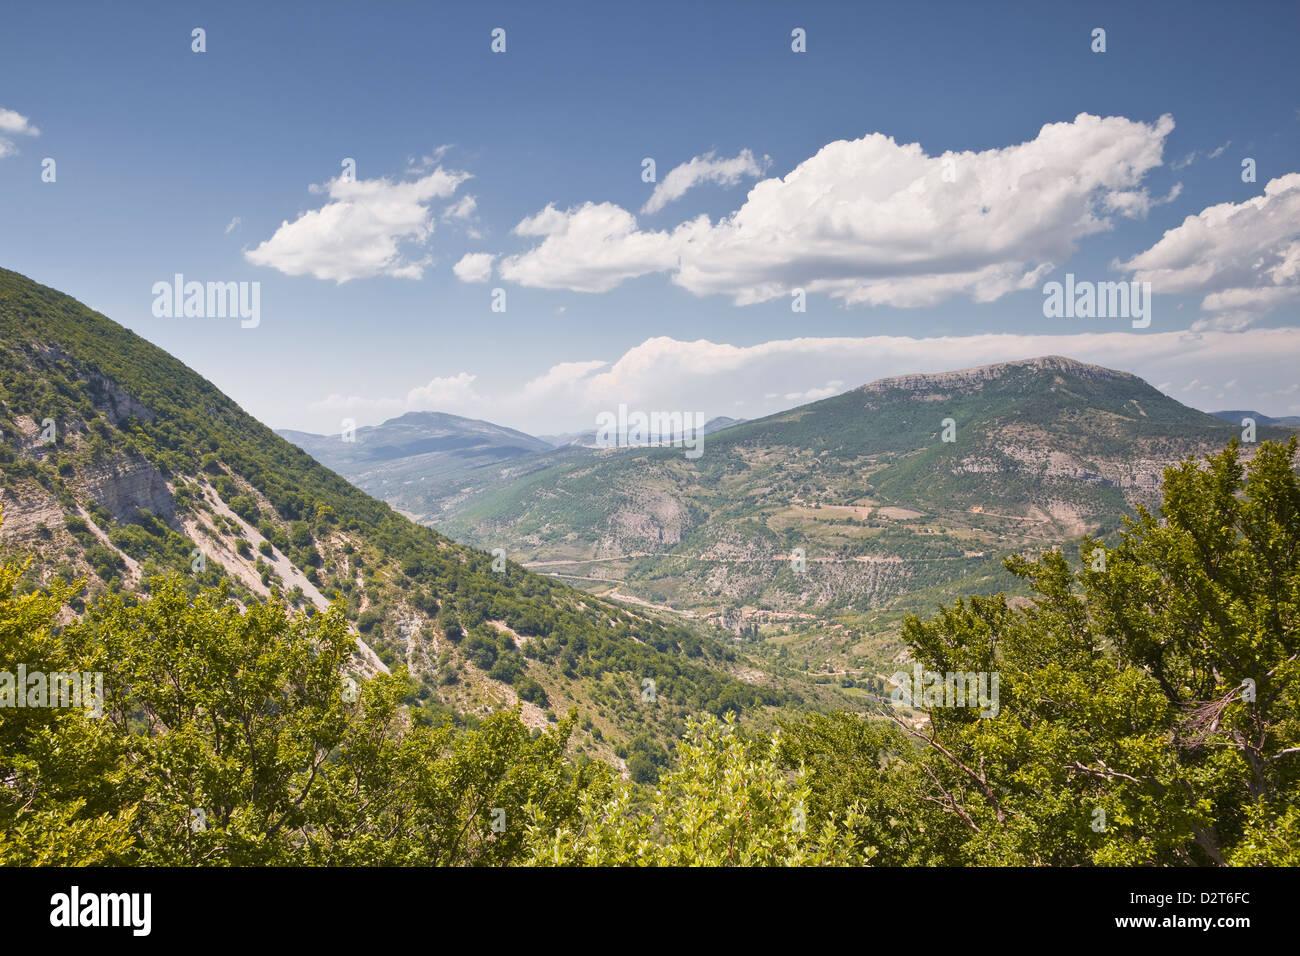 Guardando verso la zona delle Montagne du Buc in Rhone-Alpes, Francia, Europa Immagini Stock